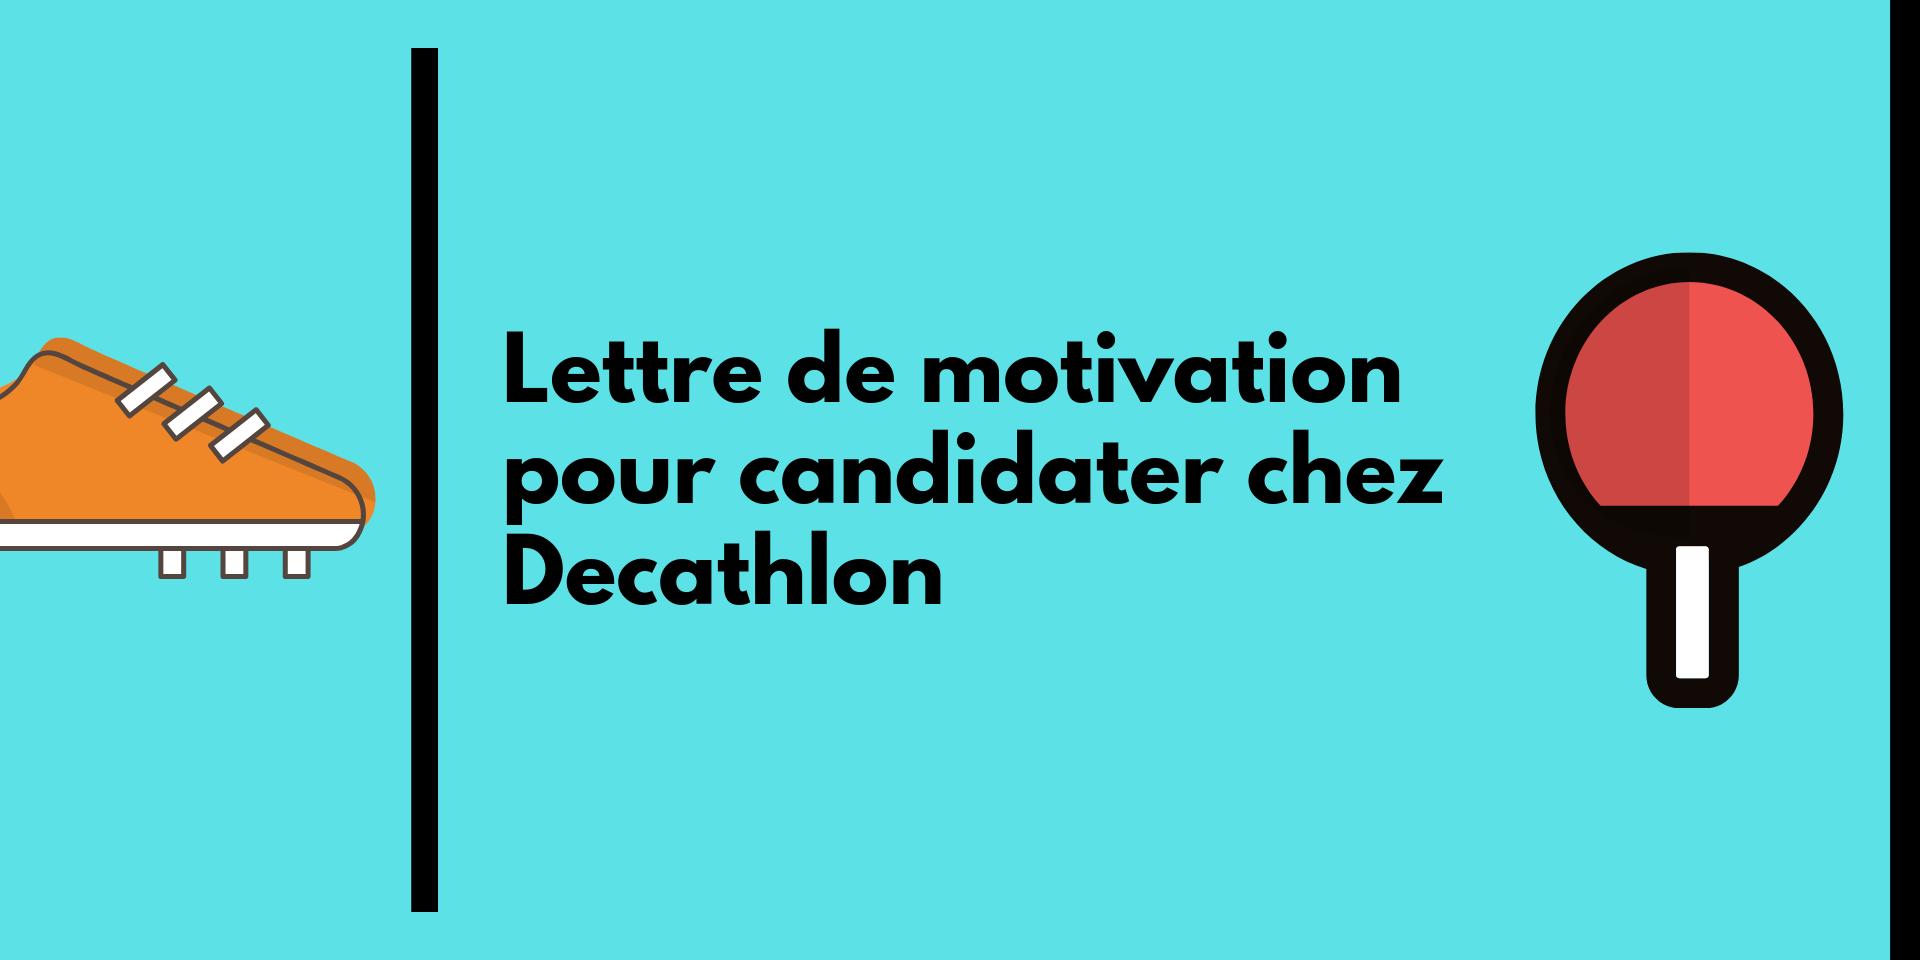 lettre de motivation pour candidater chez decathlon